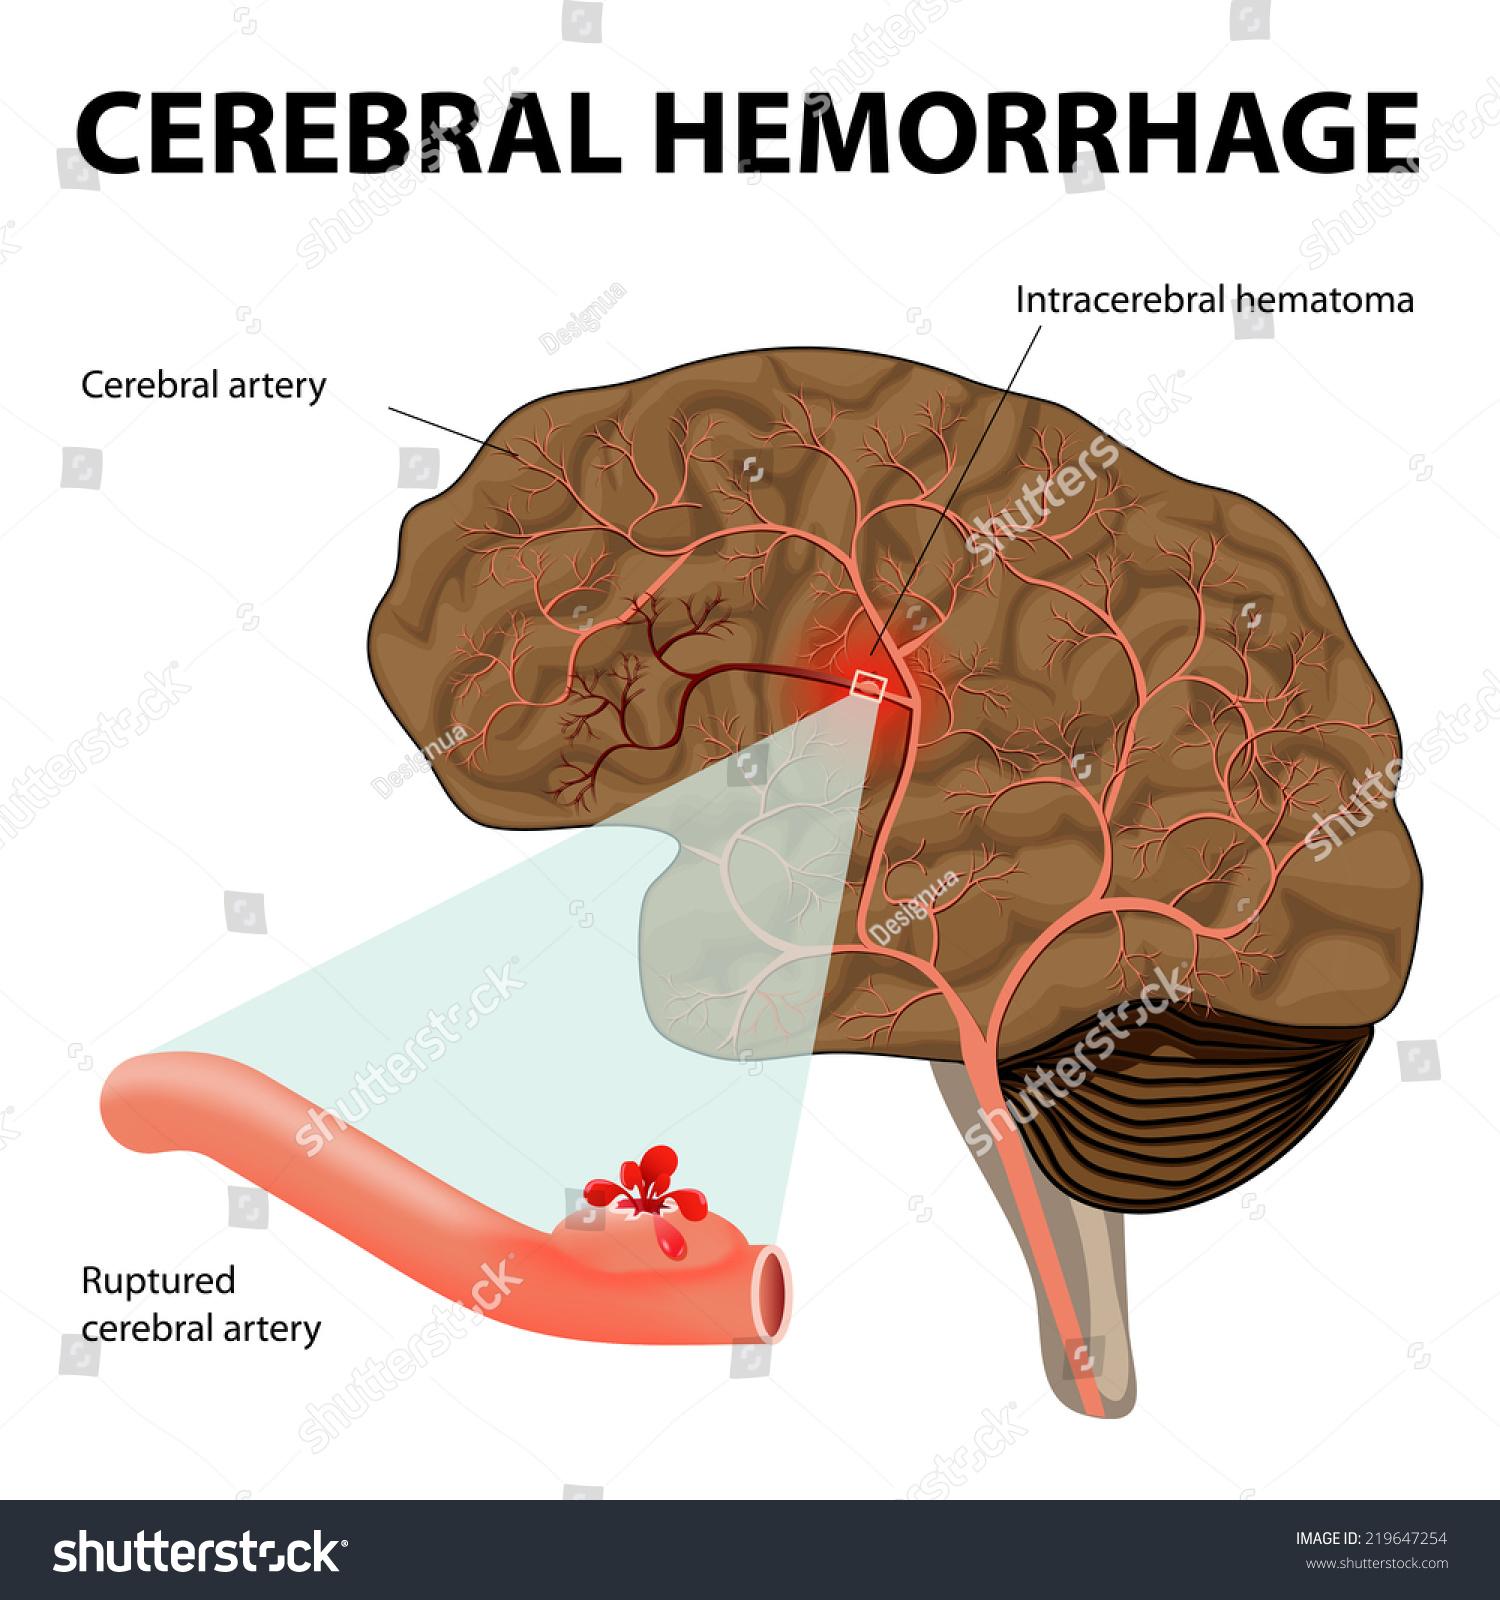 Cerebral Hemorrhage Intracerebral Hemorrhage Rupture Cerebral Stock ...